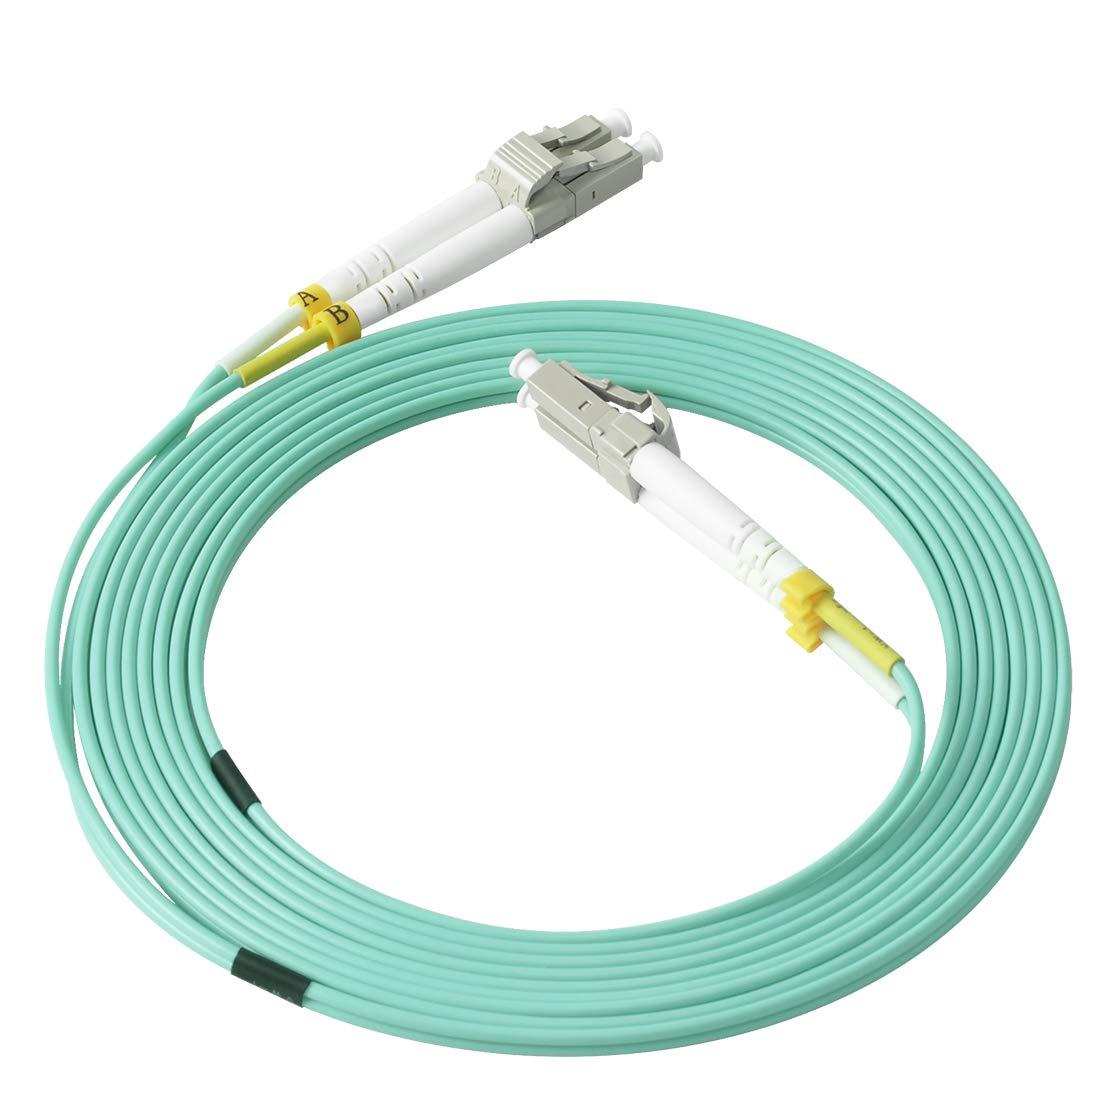 2 Cables Fibra Optica OM4 3mt LC a LC DUPLEX 50/125 Vandes